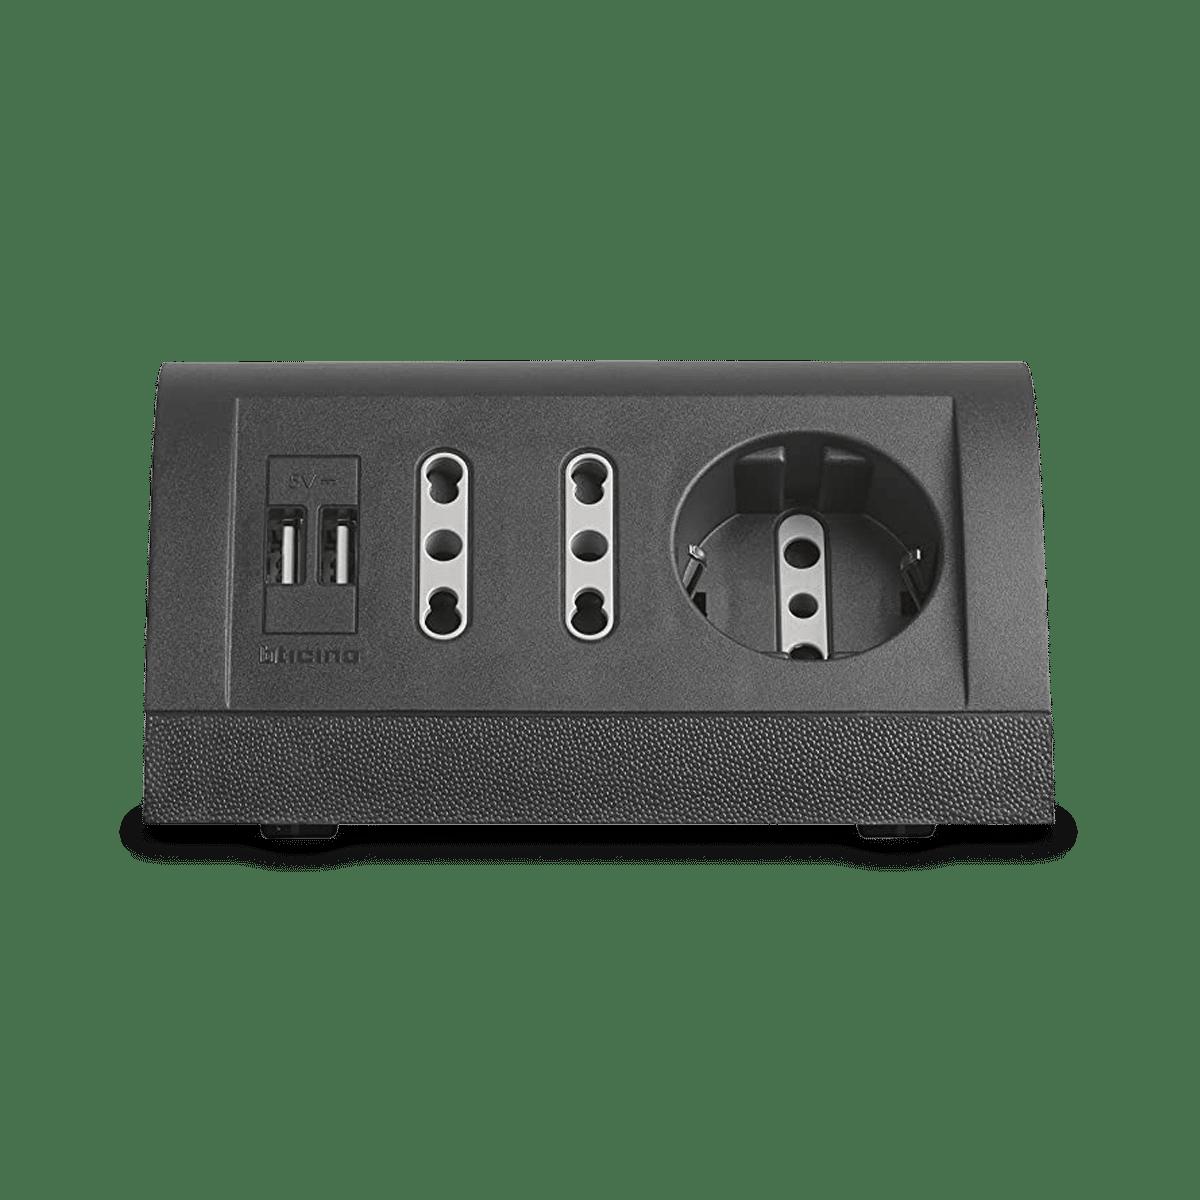 DOTATI ANCHE DI PRESA USB